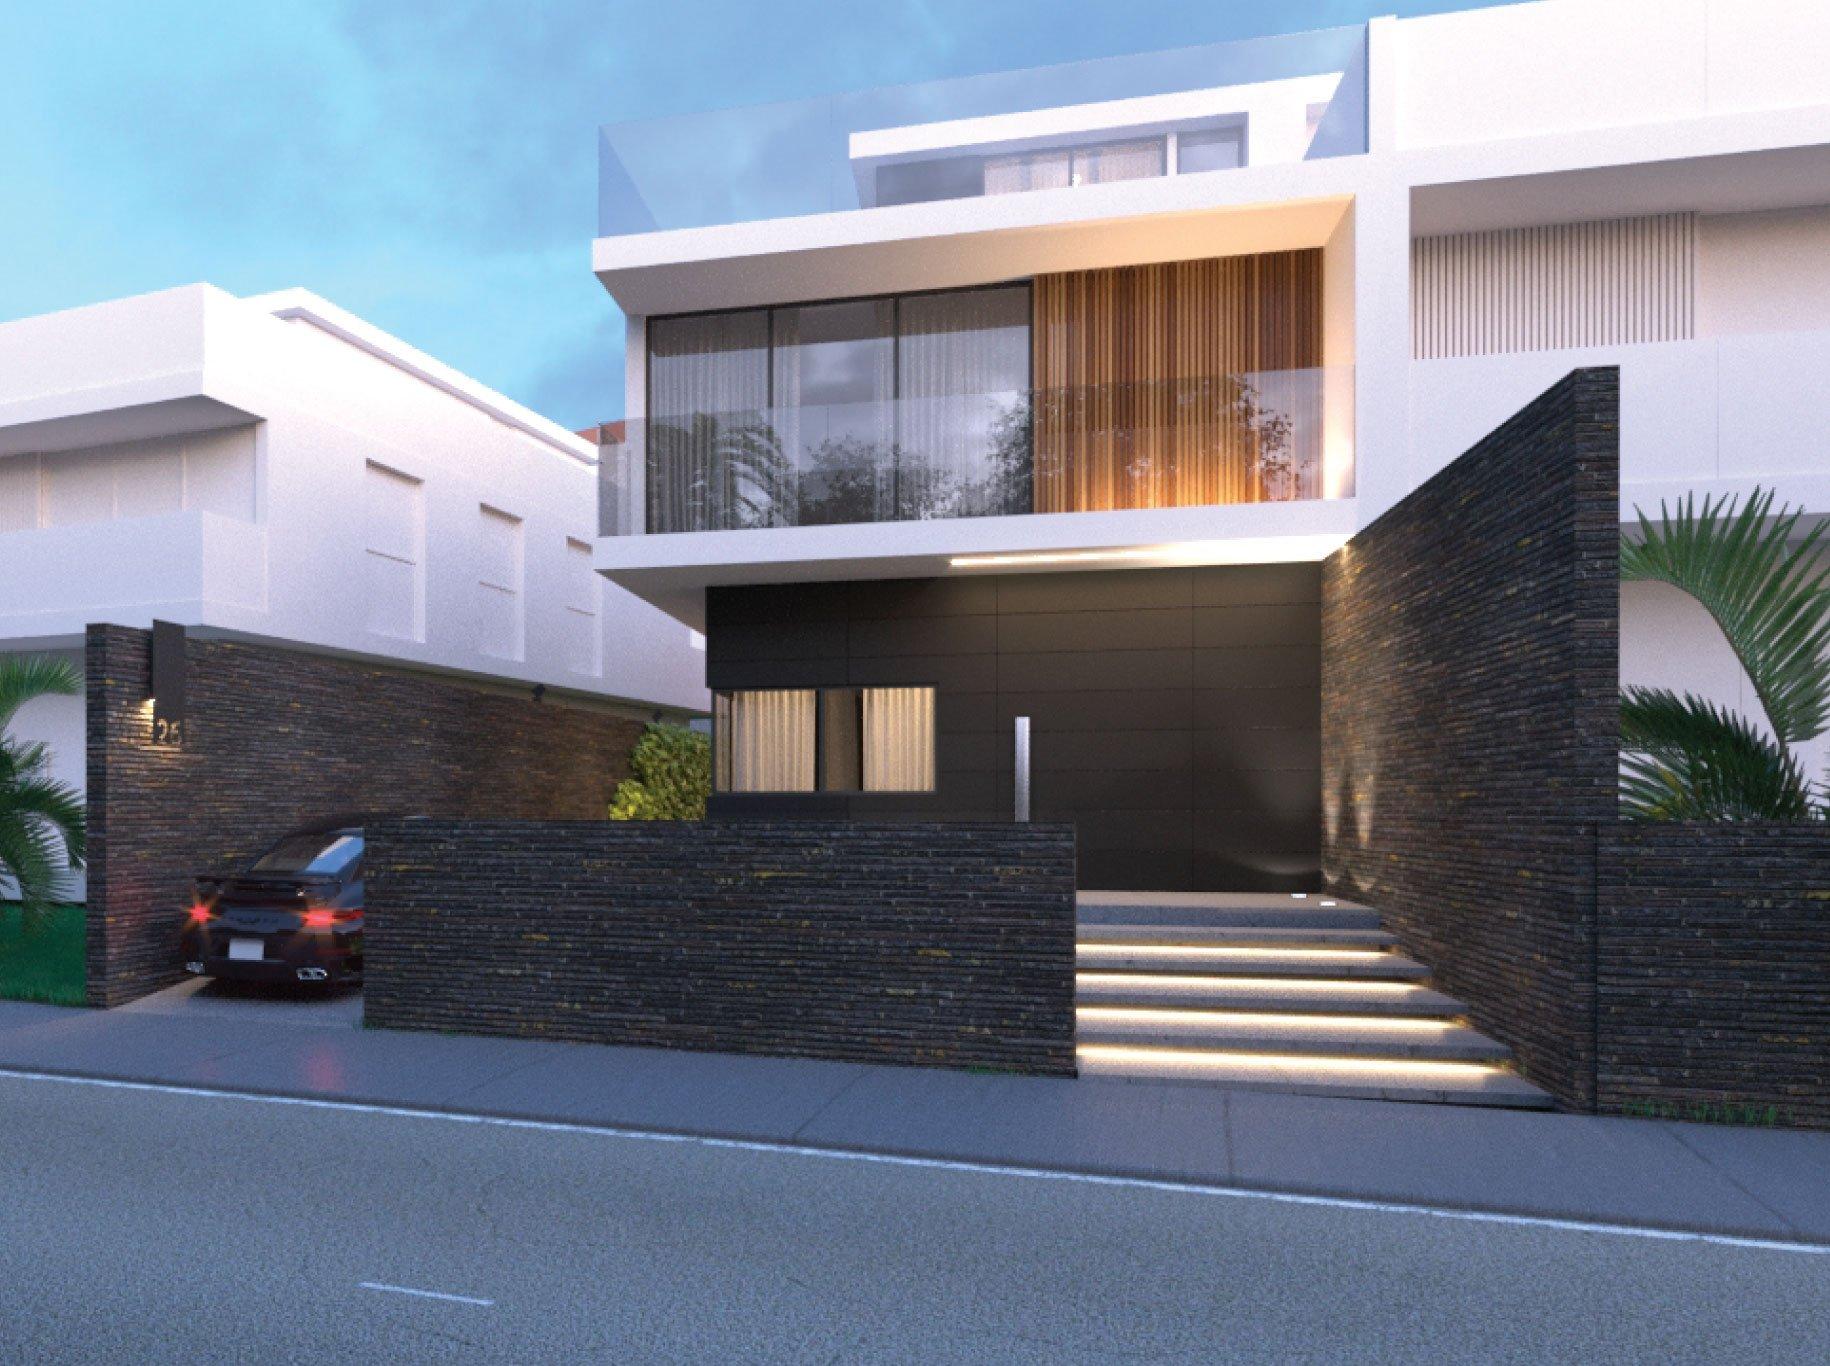 בית פרטי תוכנן על ידי האדריכלית טלי זרחיה פרומוביץ